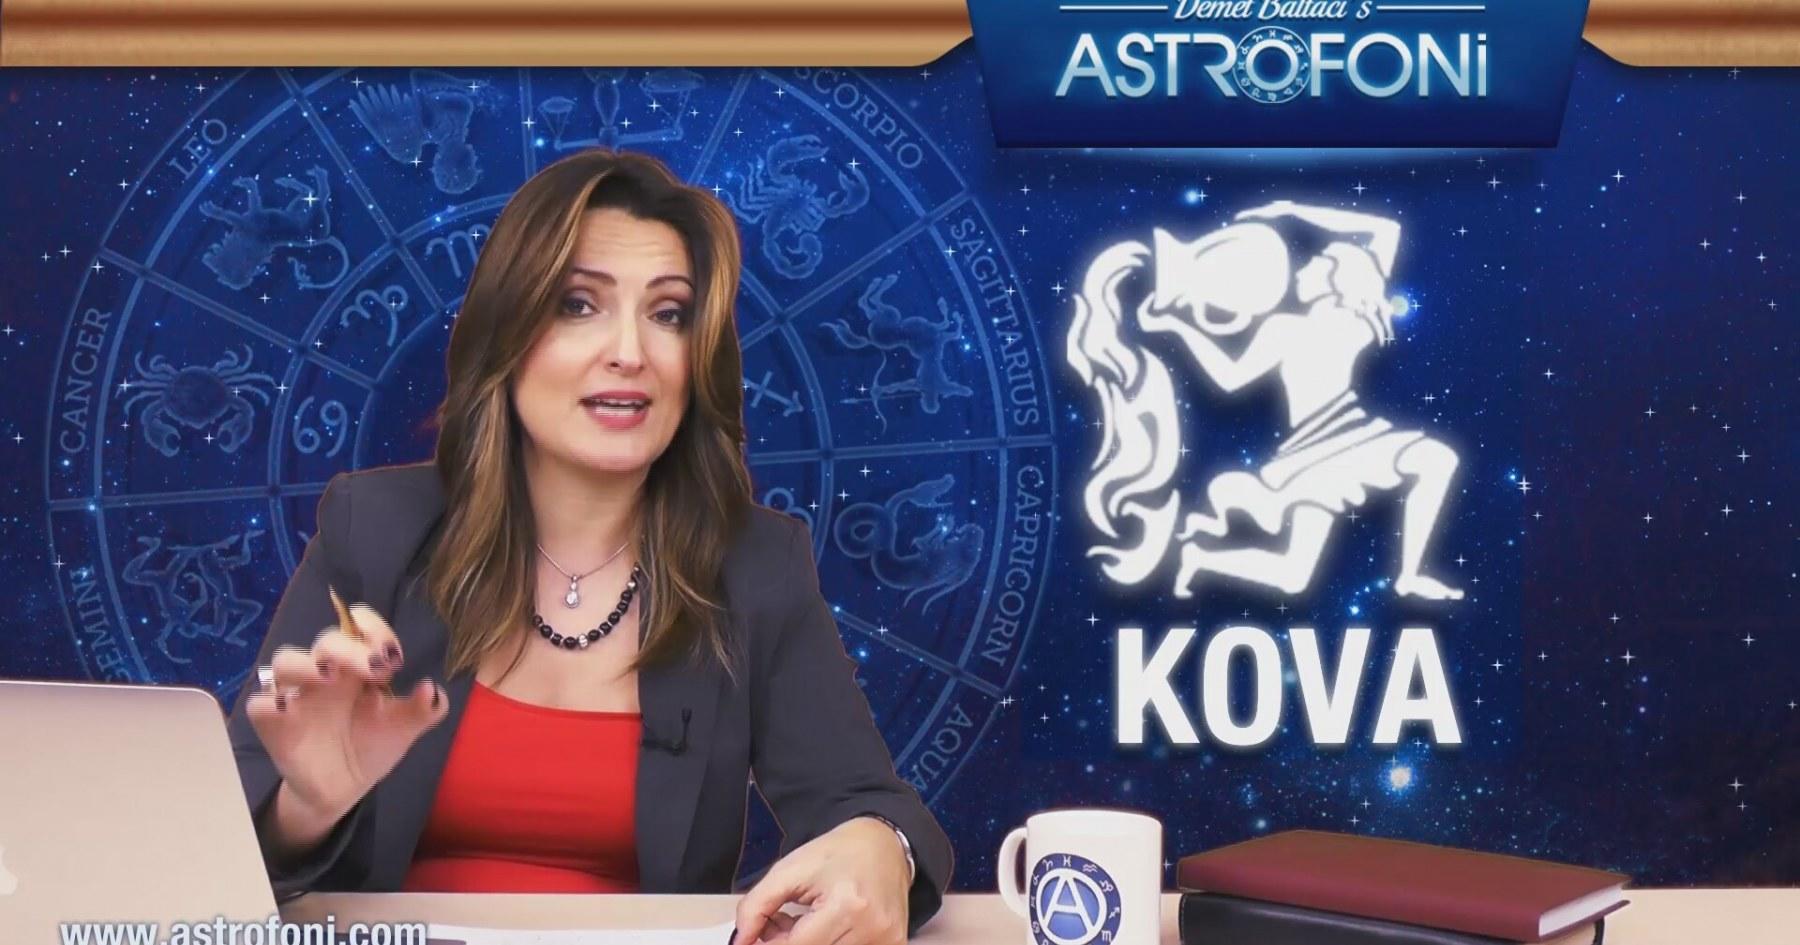 kova-burcu-aylik-yorumu-mart-2016-demet-baltaci_9191668-61440_1800x945.jpg